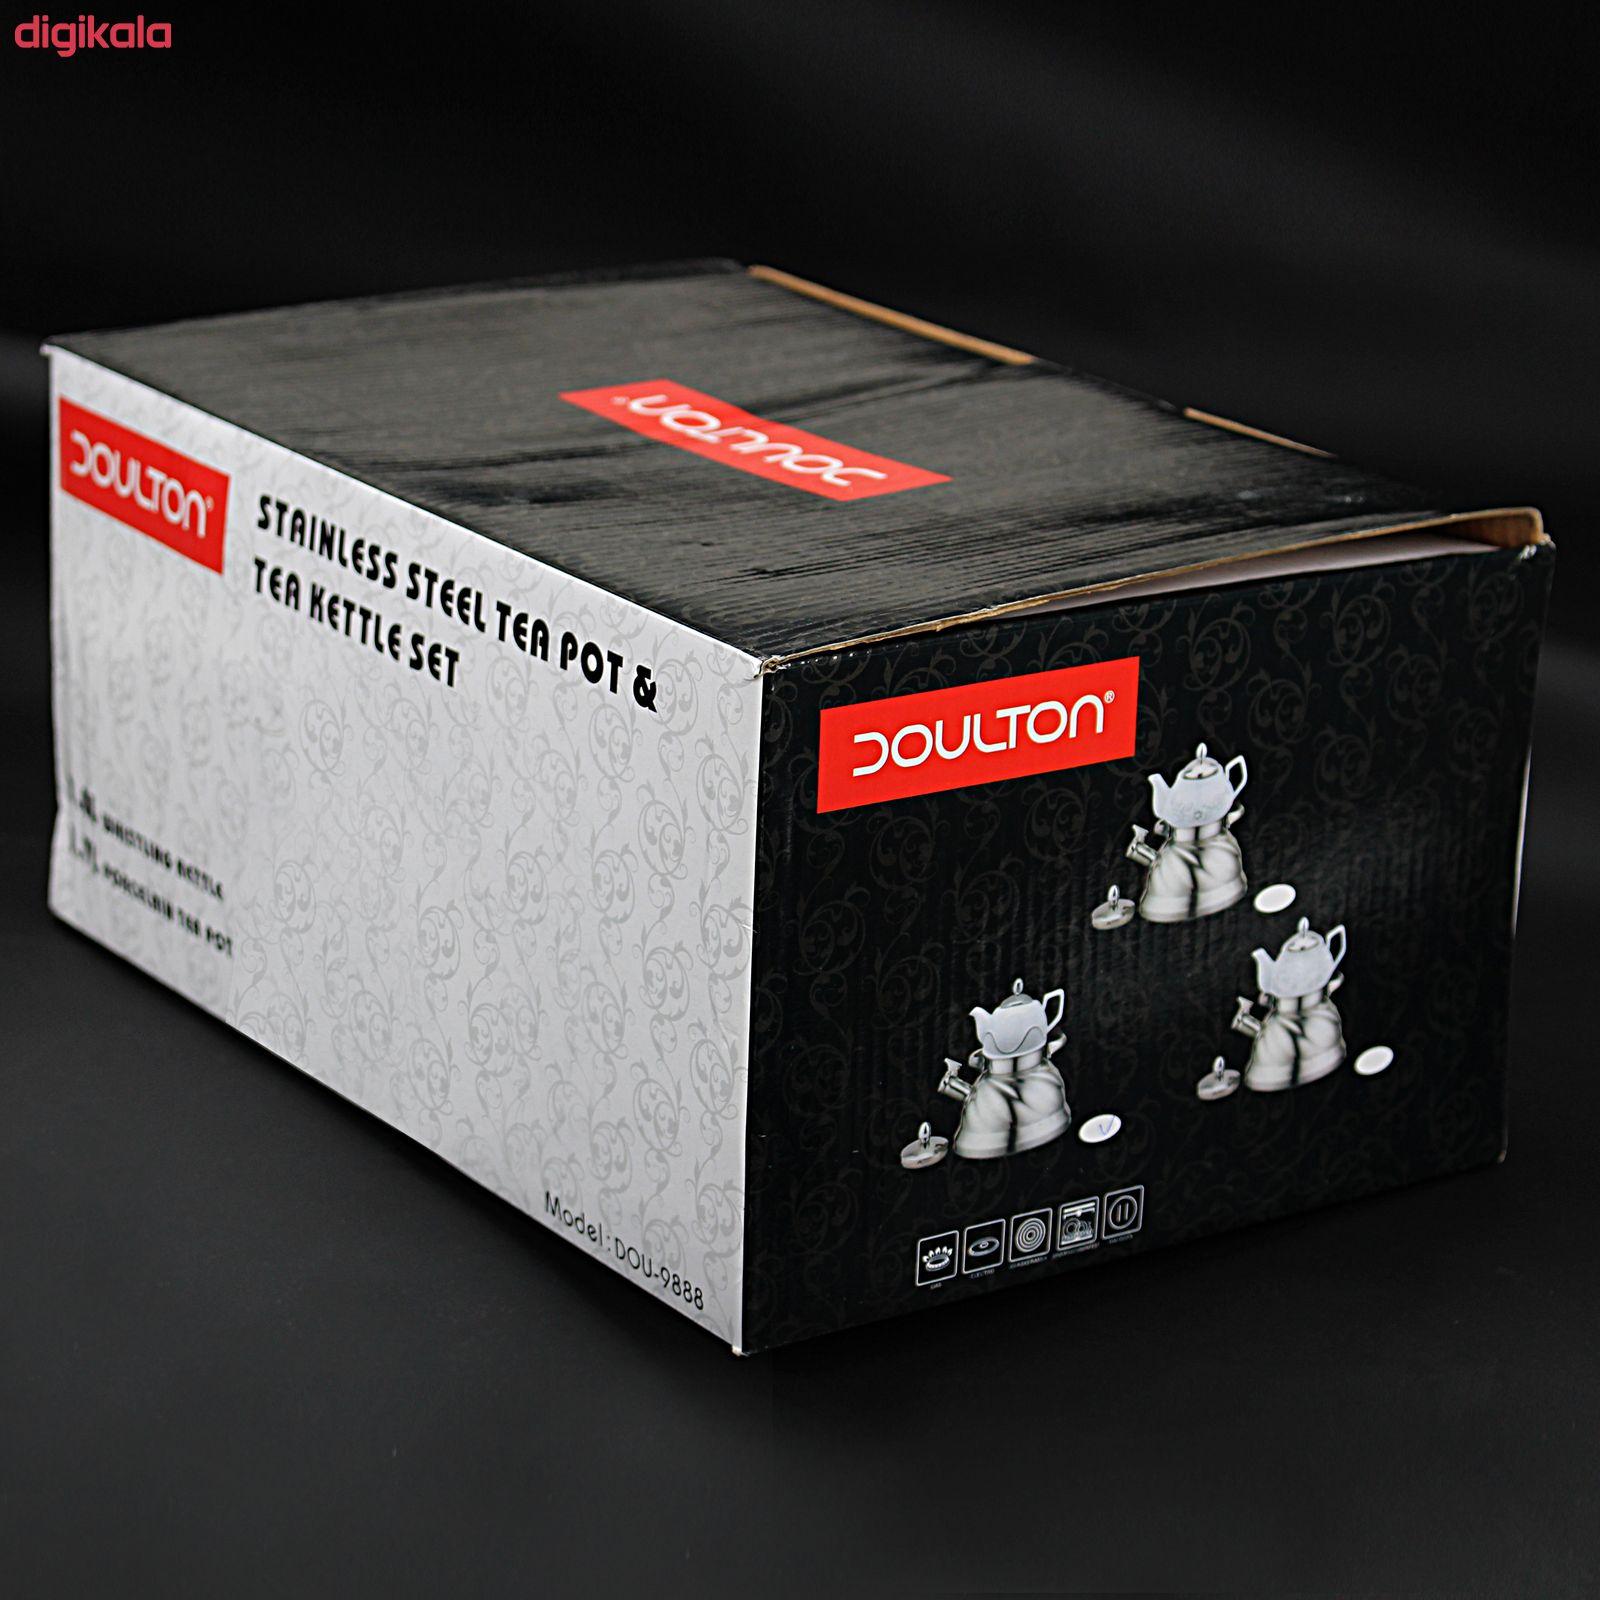 ست کتری و قوری دالتون مدل dou-9888 main 1 2